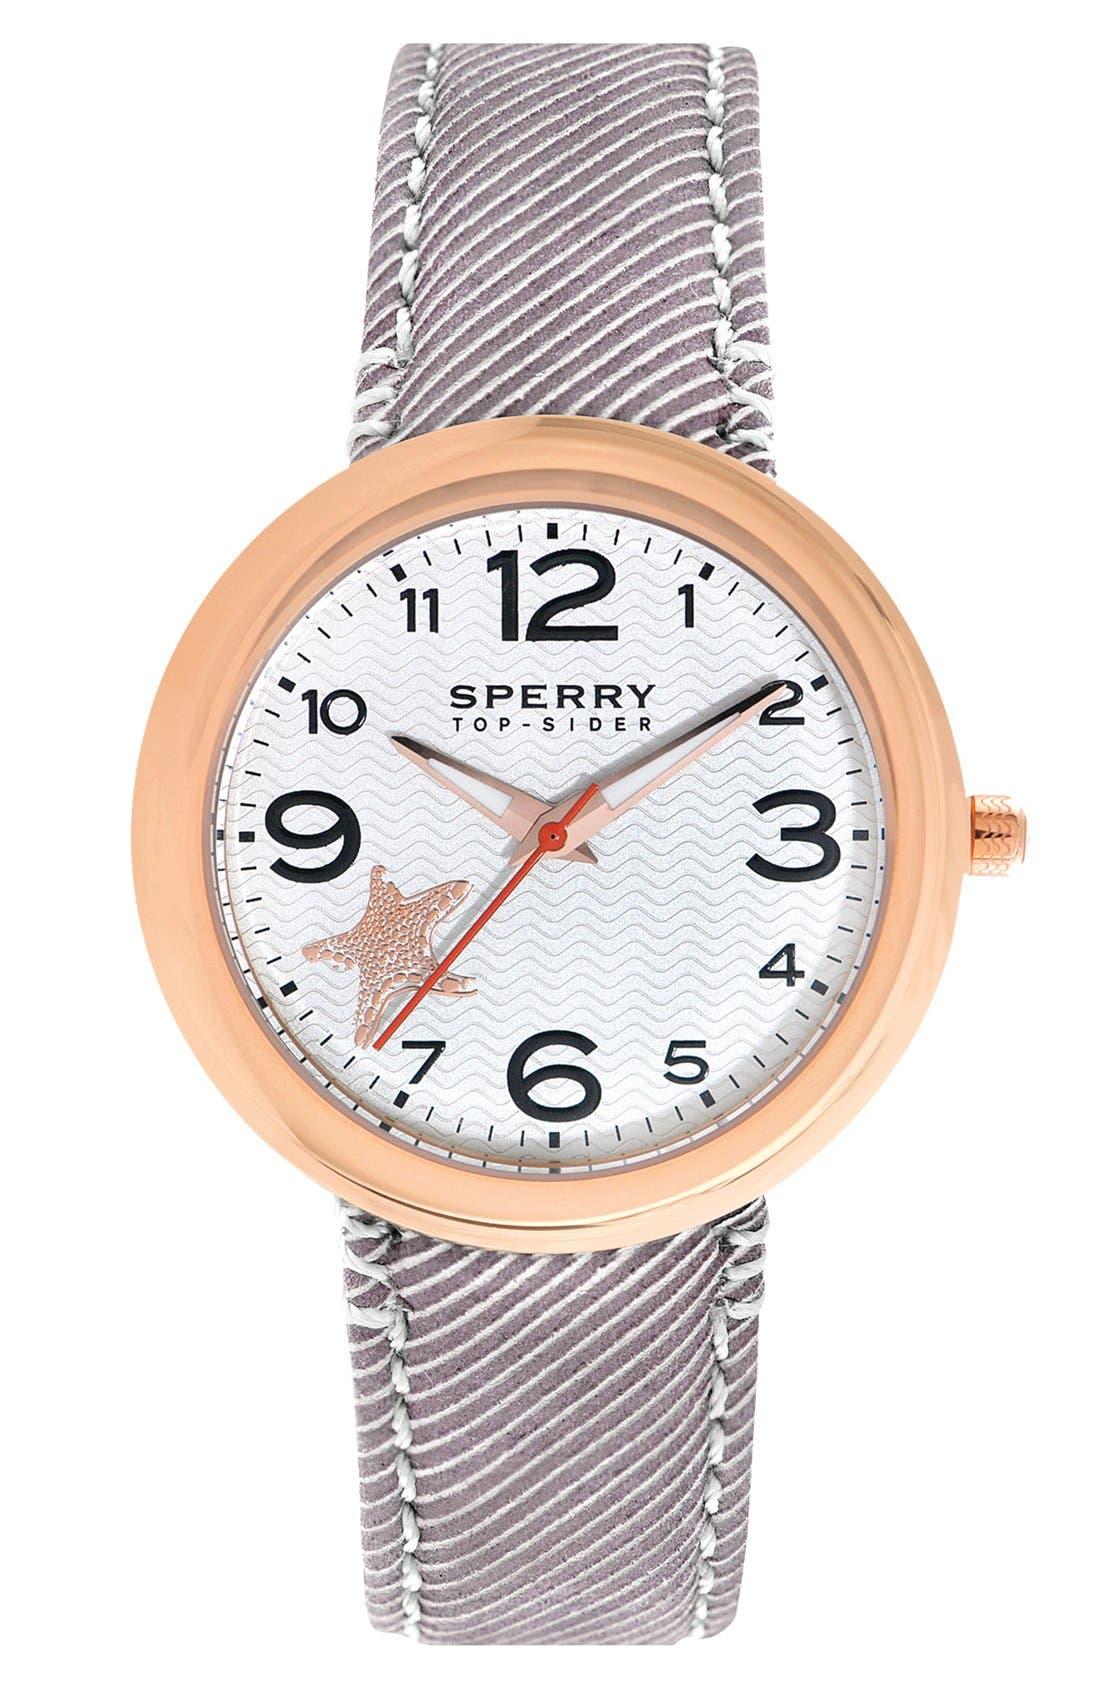 Main Image - Sperry Top-Sider® 'Sandbar' Round Seersucker Strap Watch, 40mm